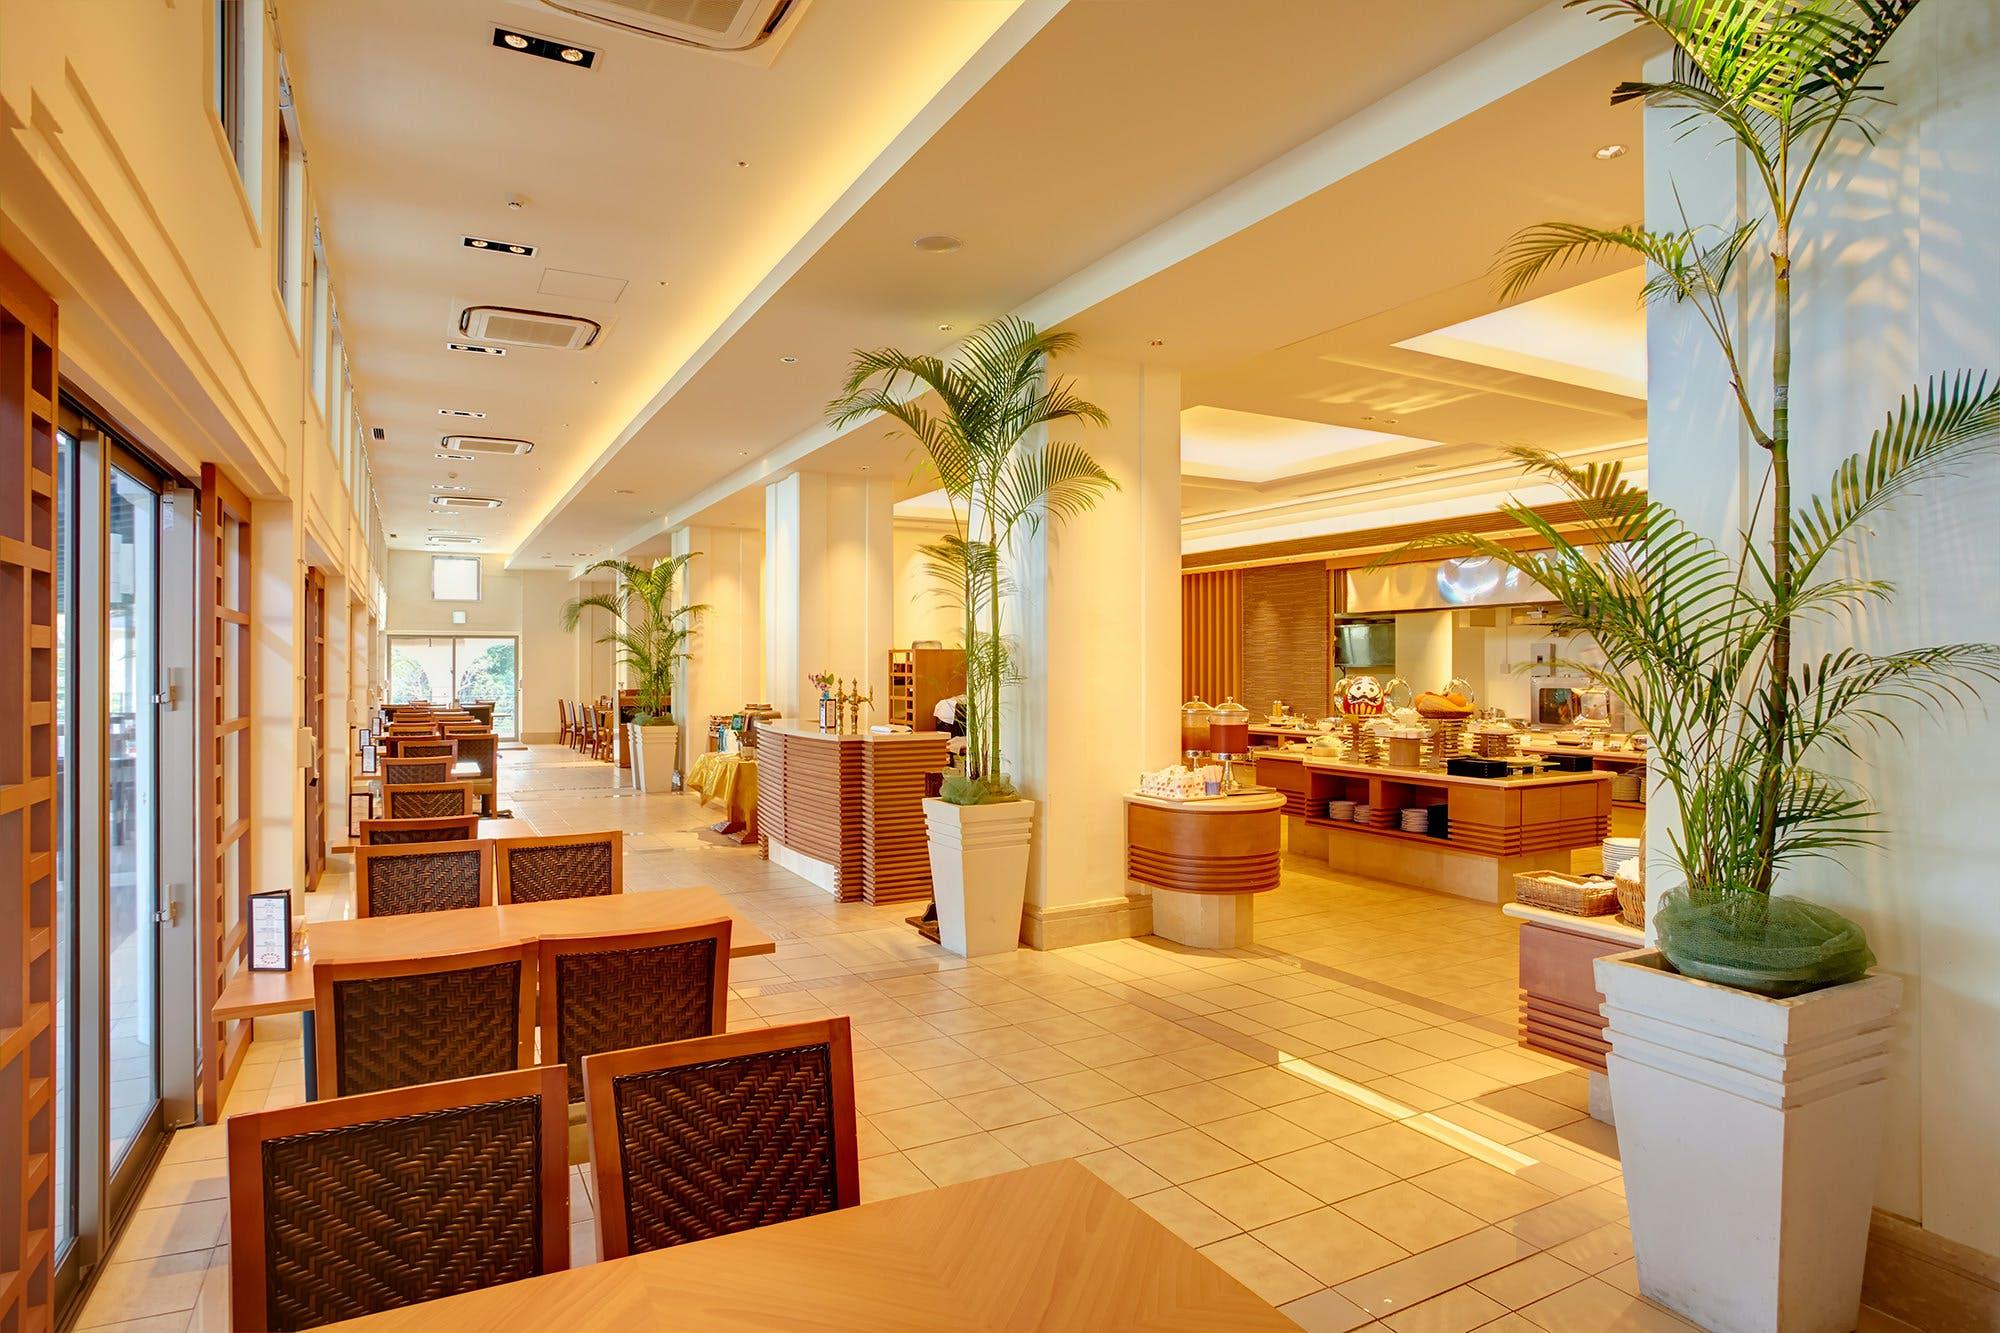 ビュッフェレストラン マーセン/ホテルマハイナ ウェルネスリゾートオキナワ